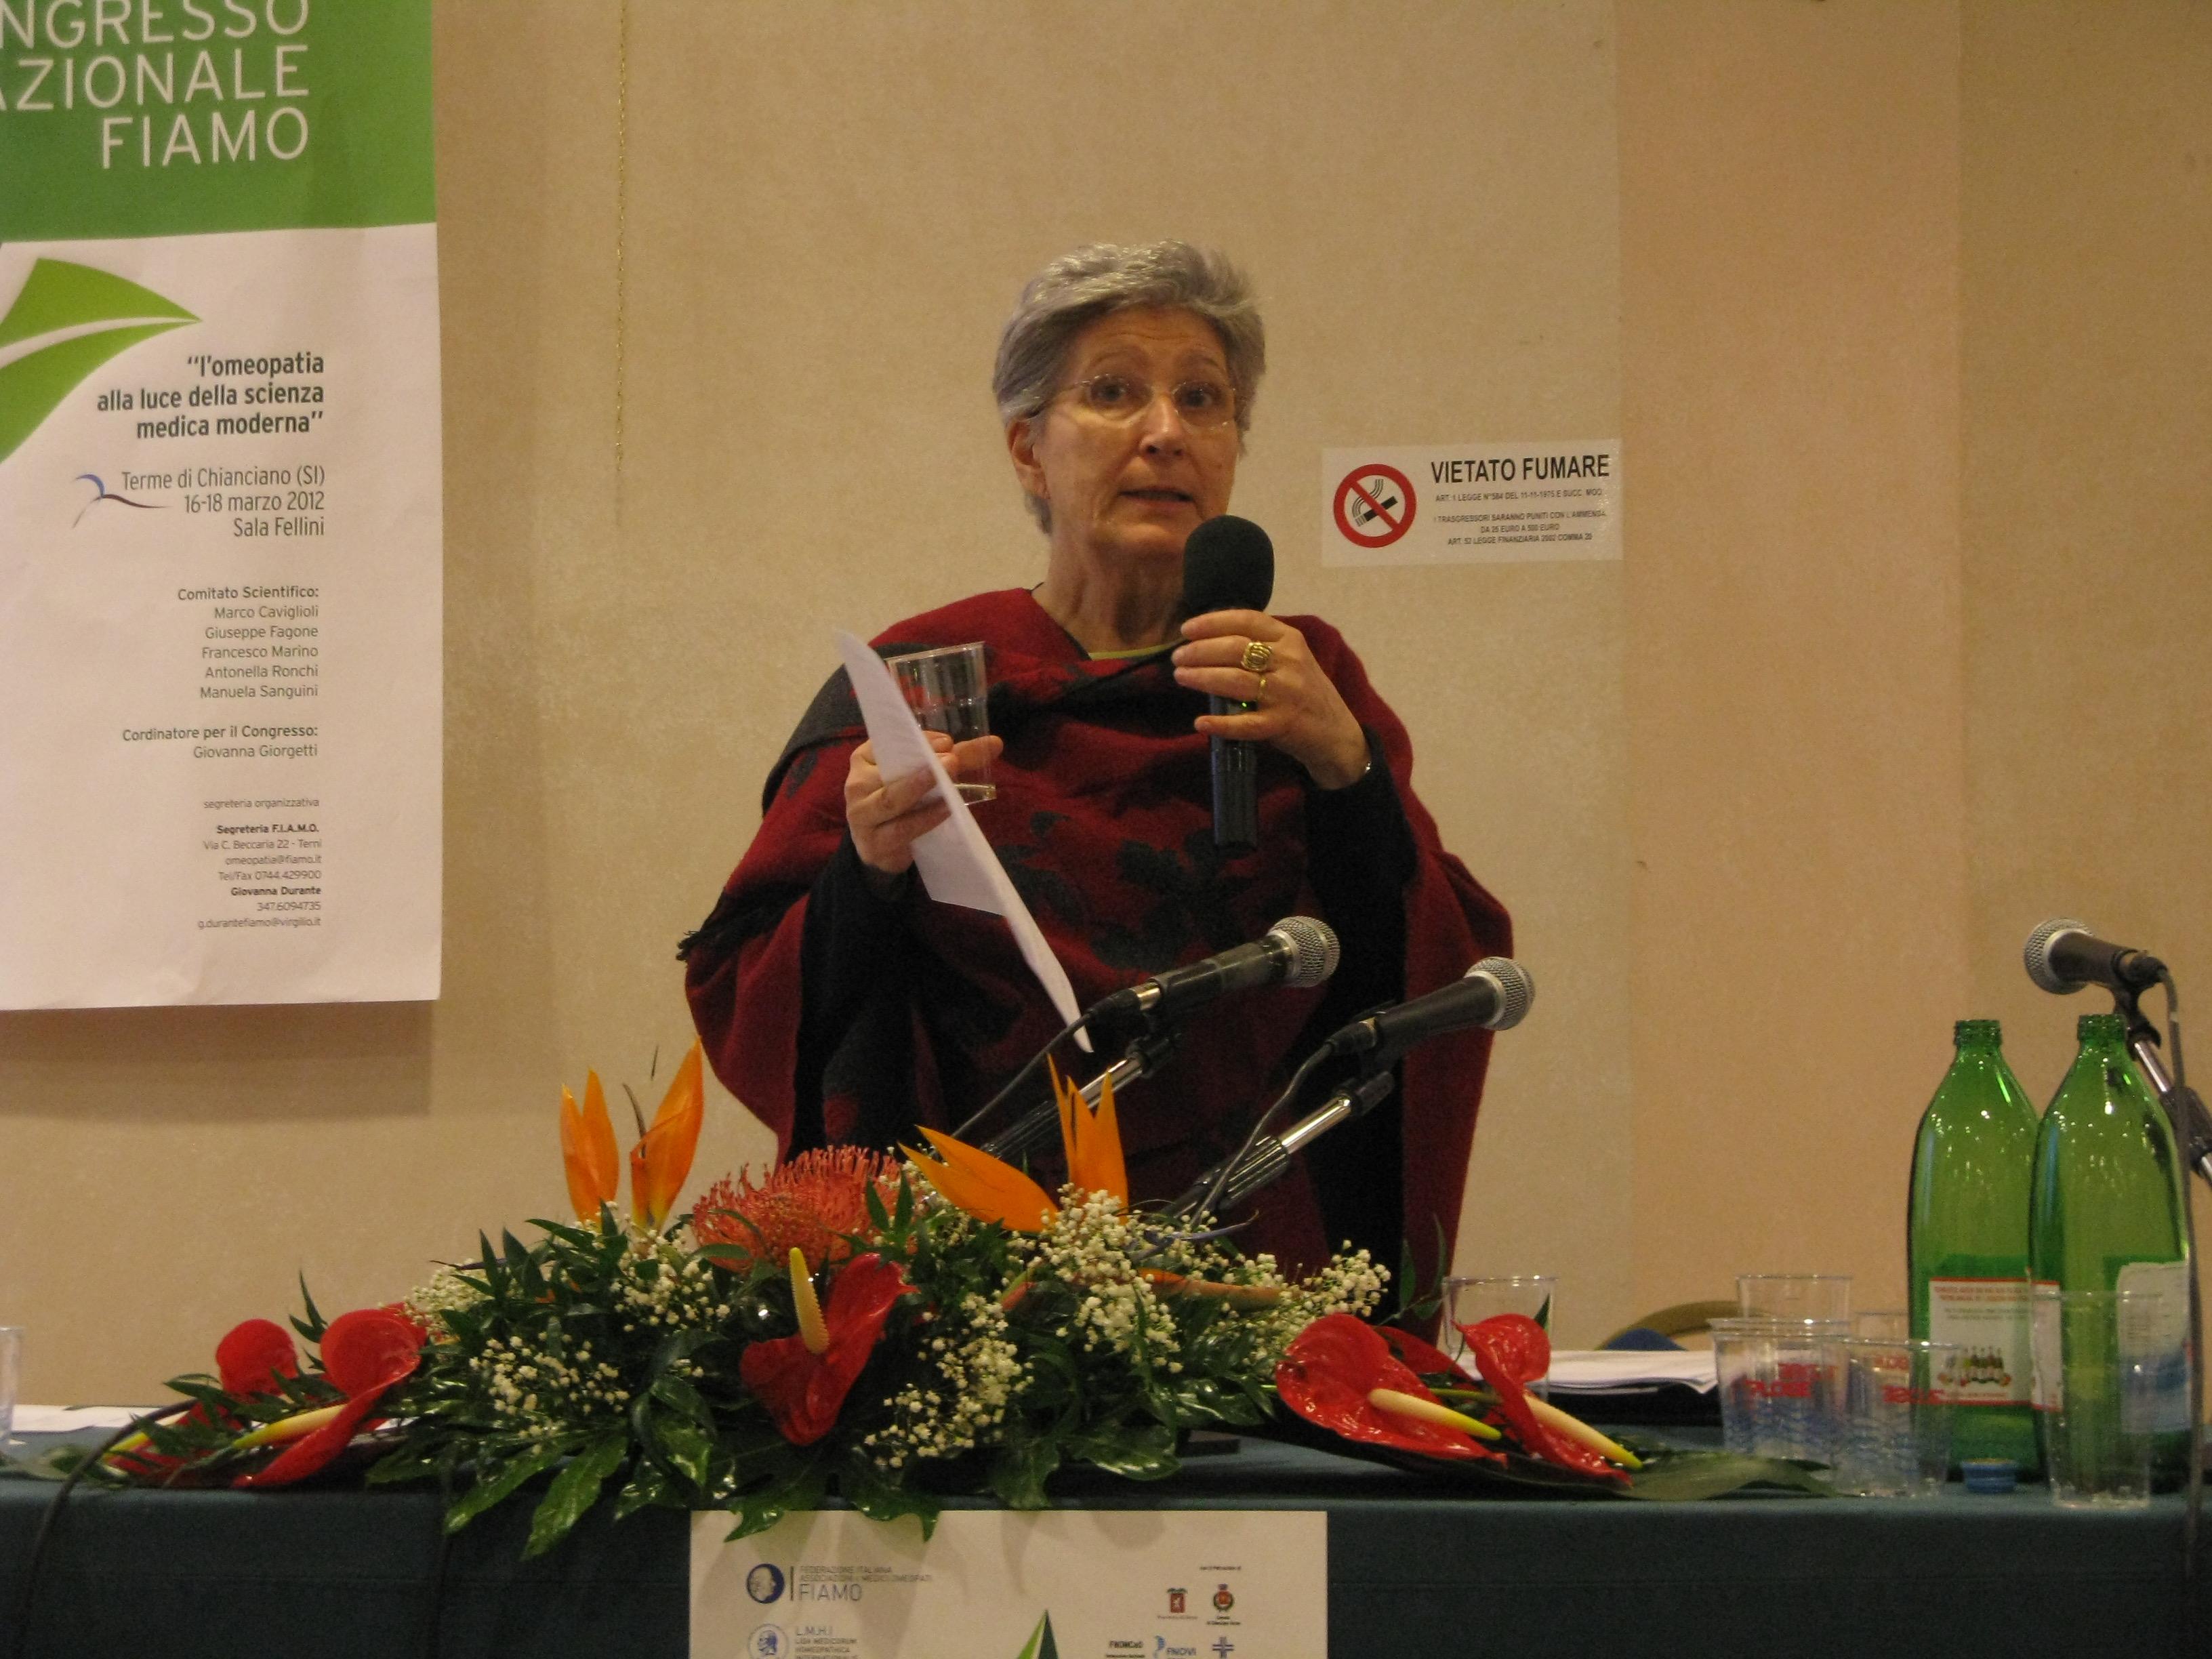 2012-antonella-ronchi-fiamo-chianciano-2012